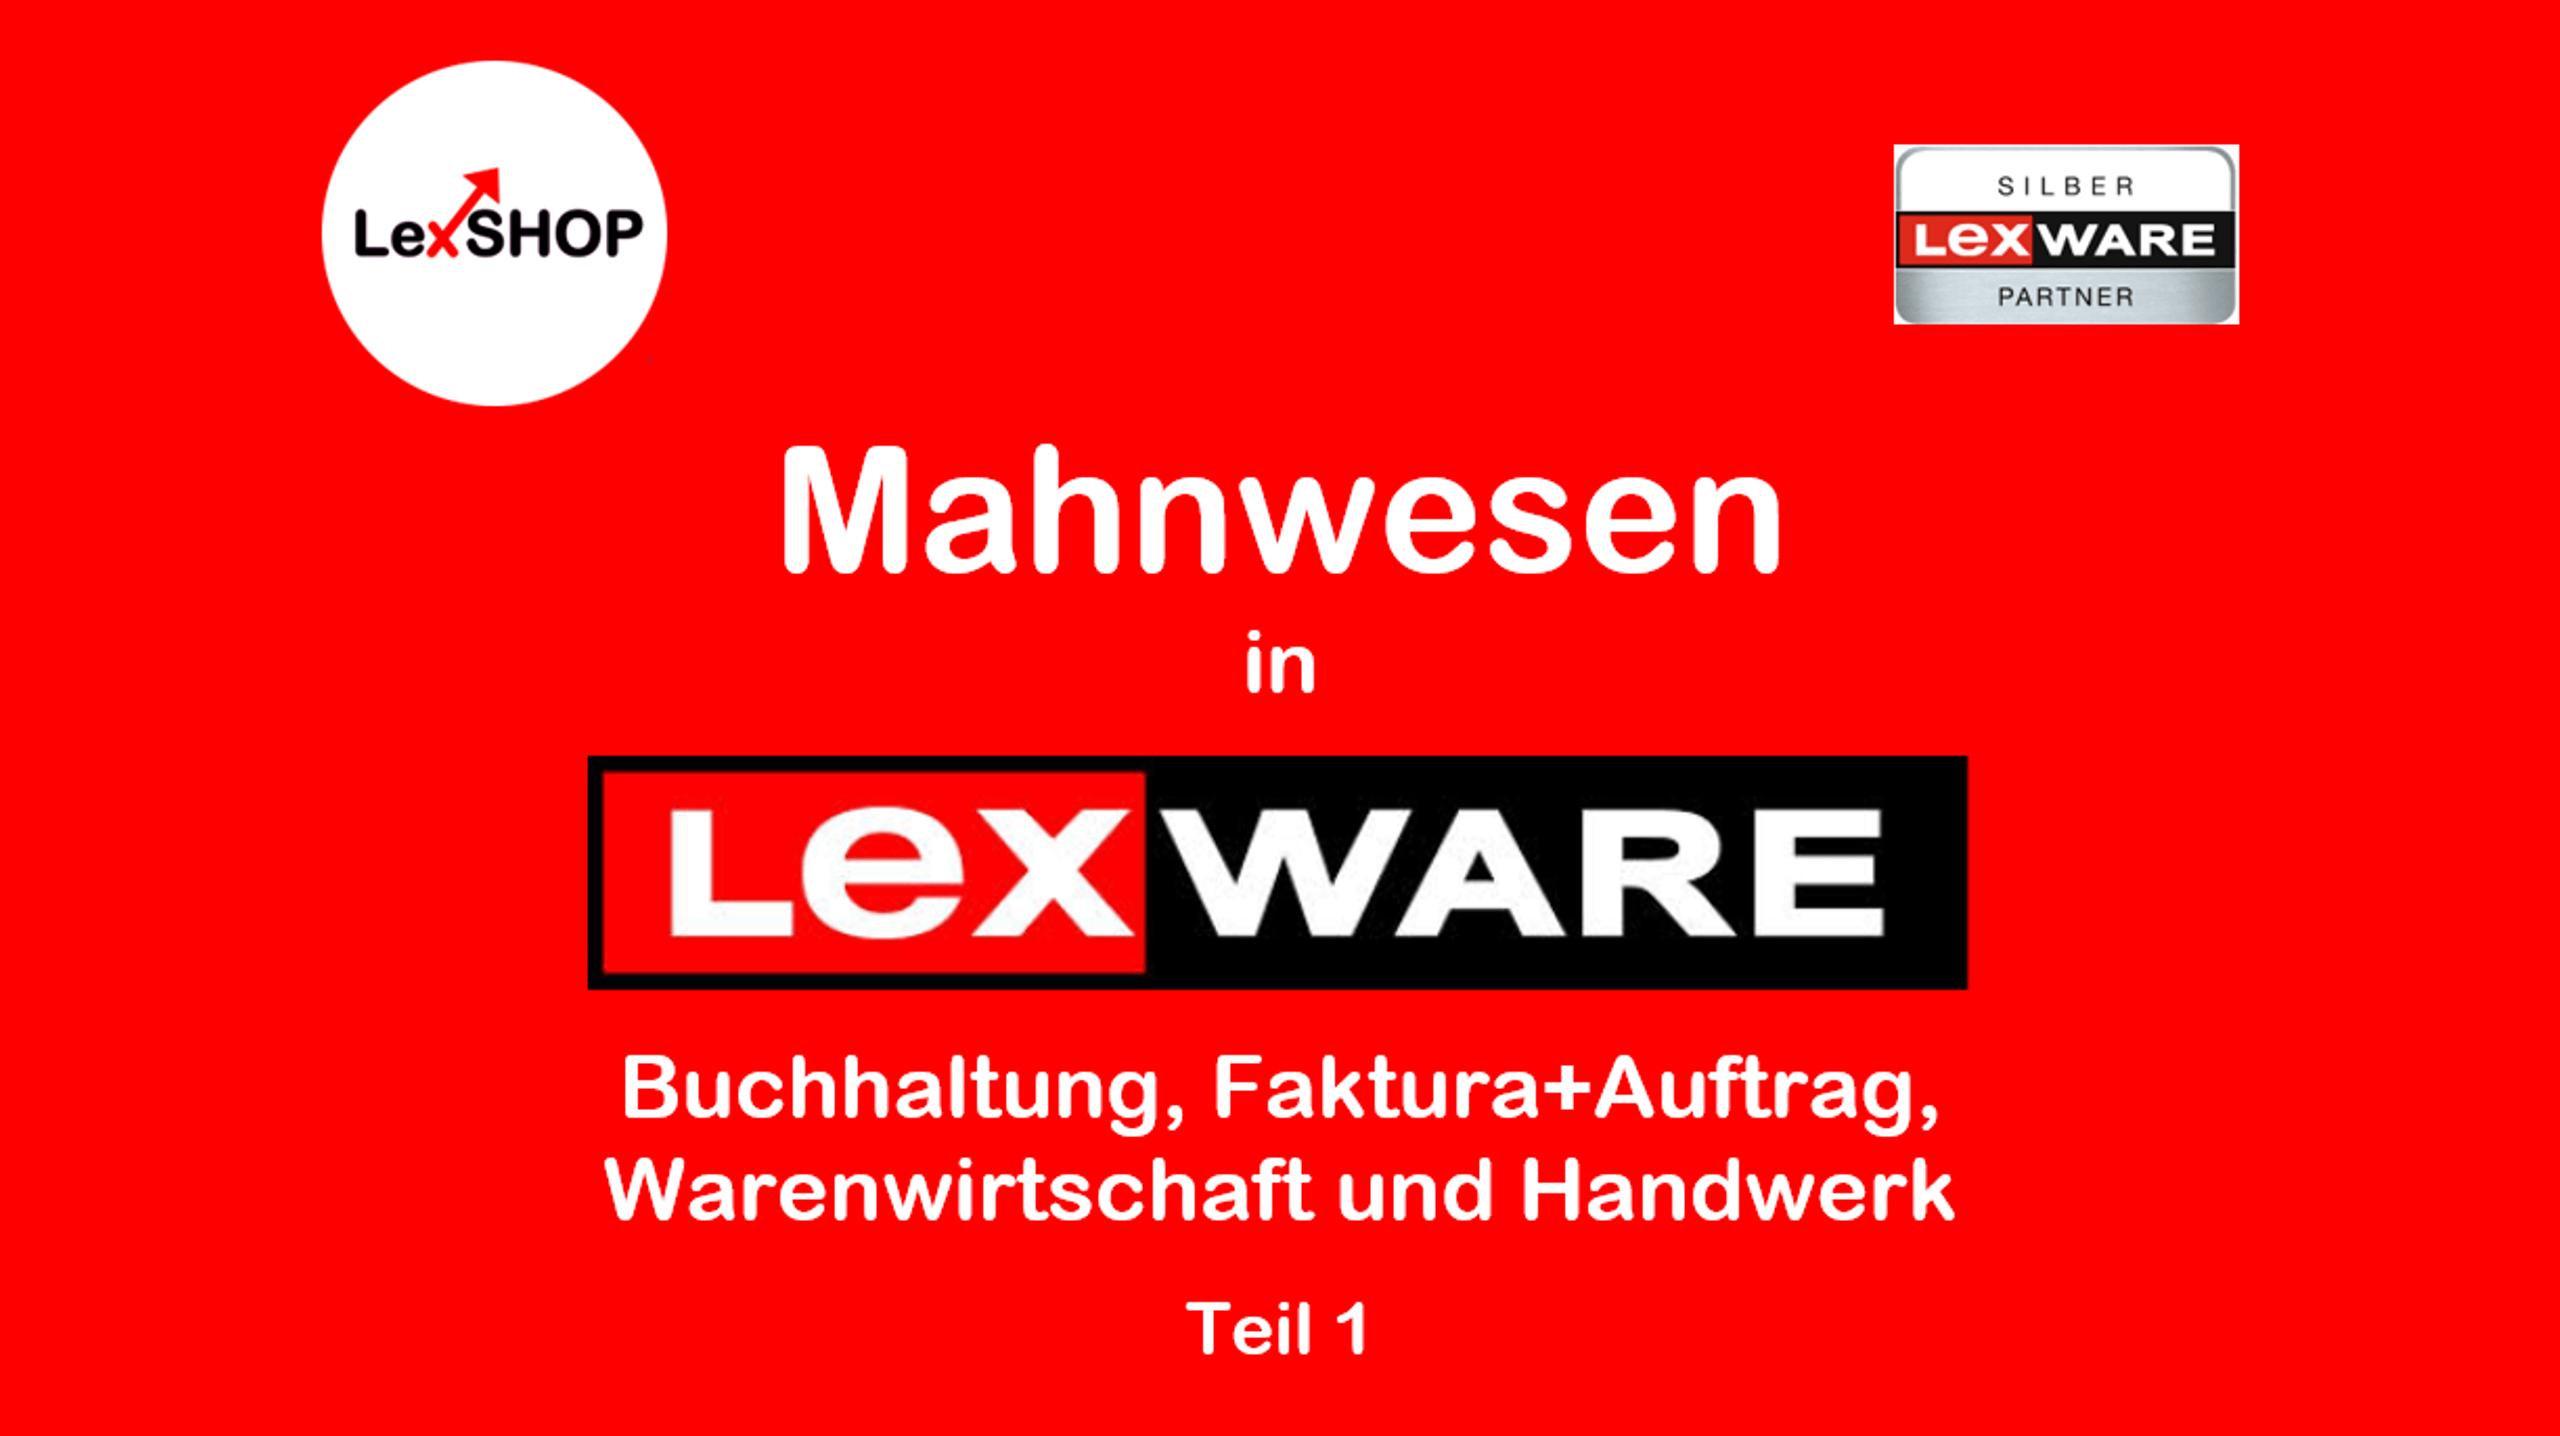 Wie kann ich die schlimmsten 5 Fehler im Mahnwesen von Lexware Buchhaltung oder Warenwirtschaft und Handwerk vermeiden?